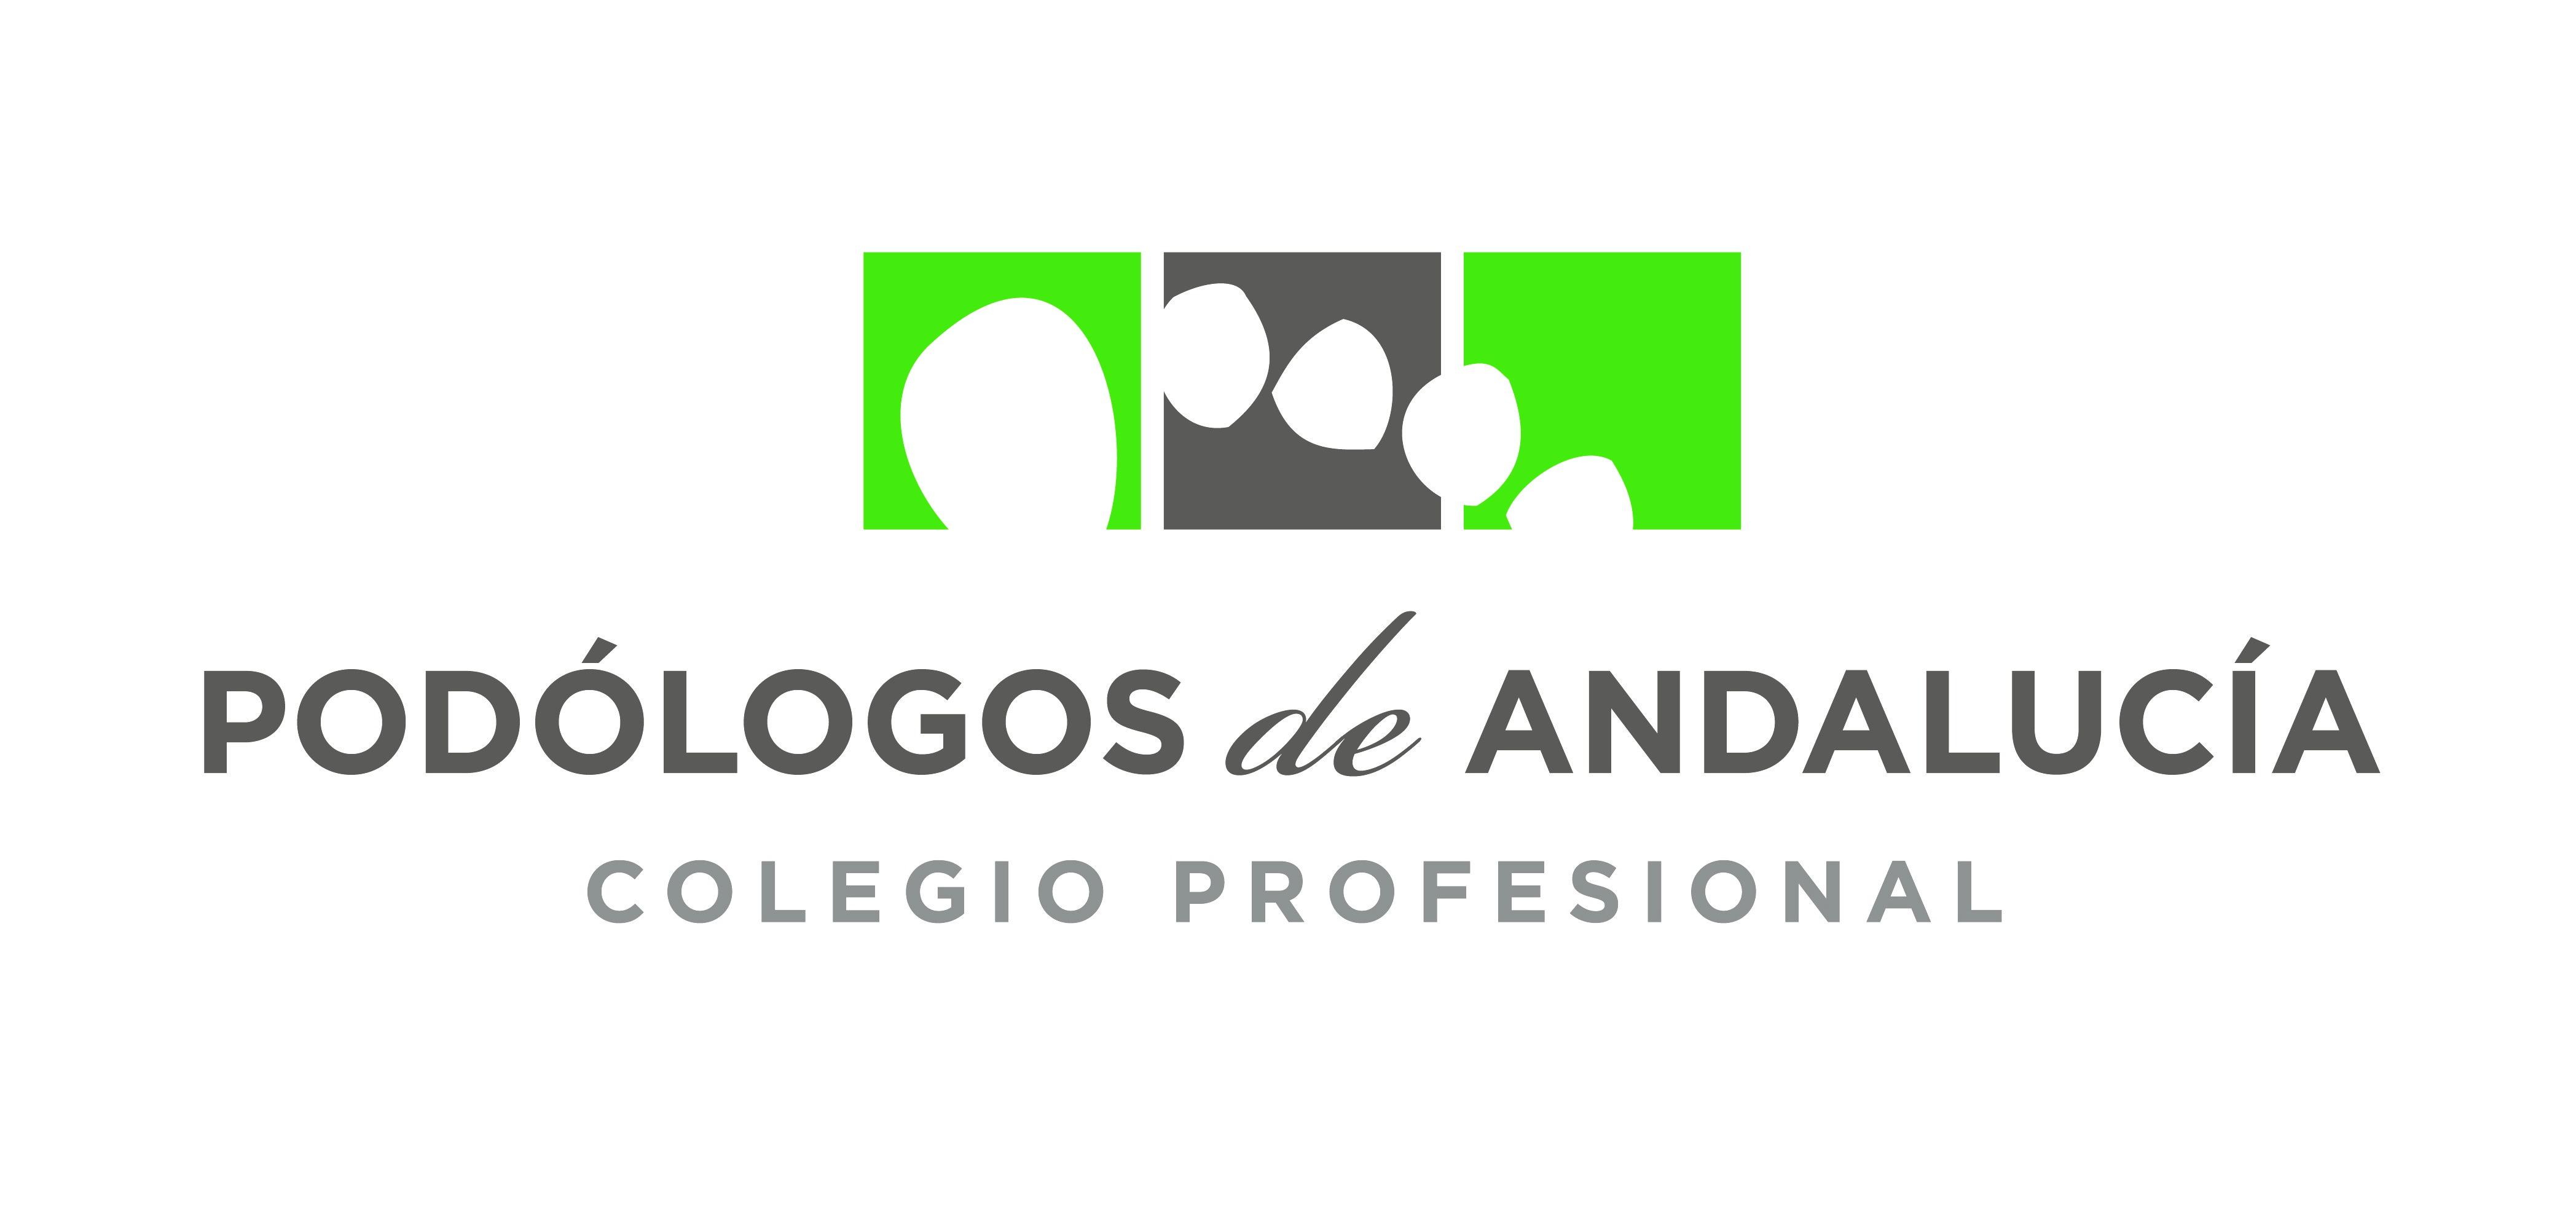 NdP. CPPA. Hidratación e higiene, principales consejos del Colegio de Podólogos de Andalucía para los esfuerzos de los pies antes, durante y después de la Romería del Rocío